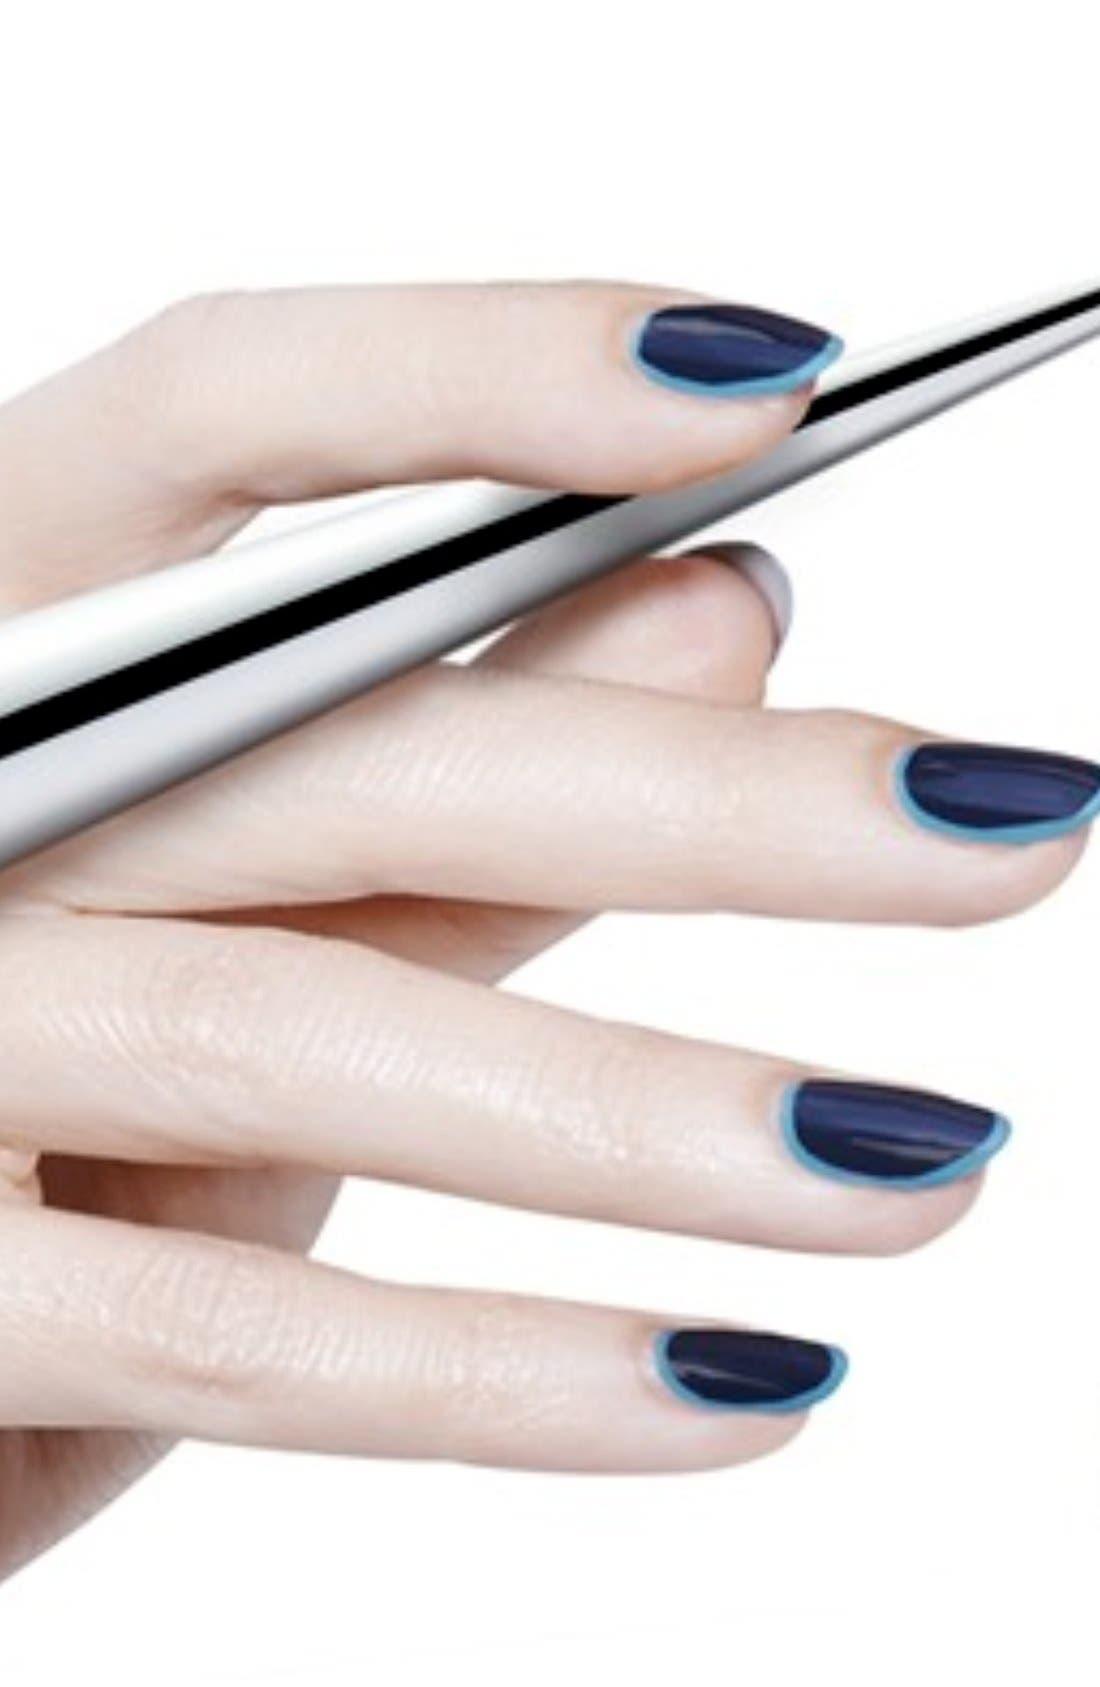 Christian Louboutin Nail Shield Manicure